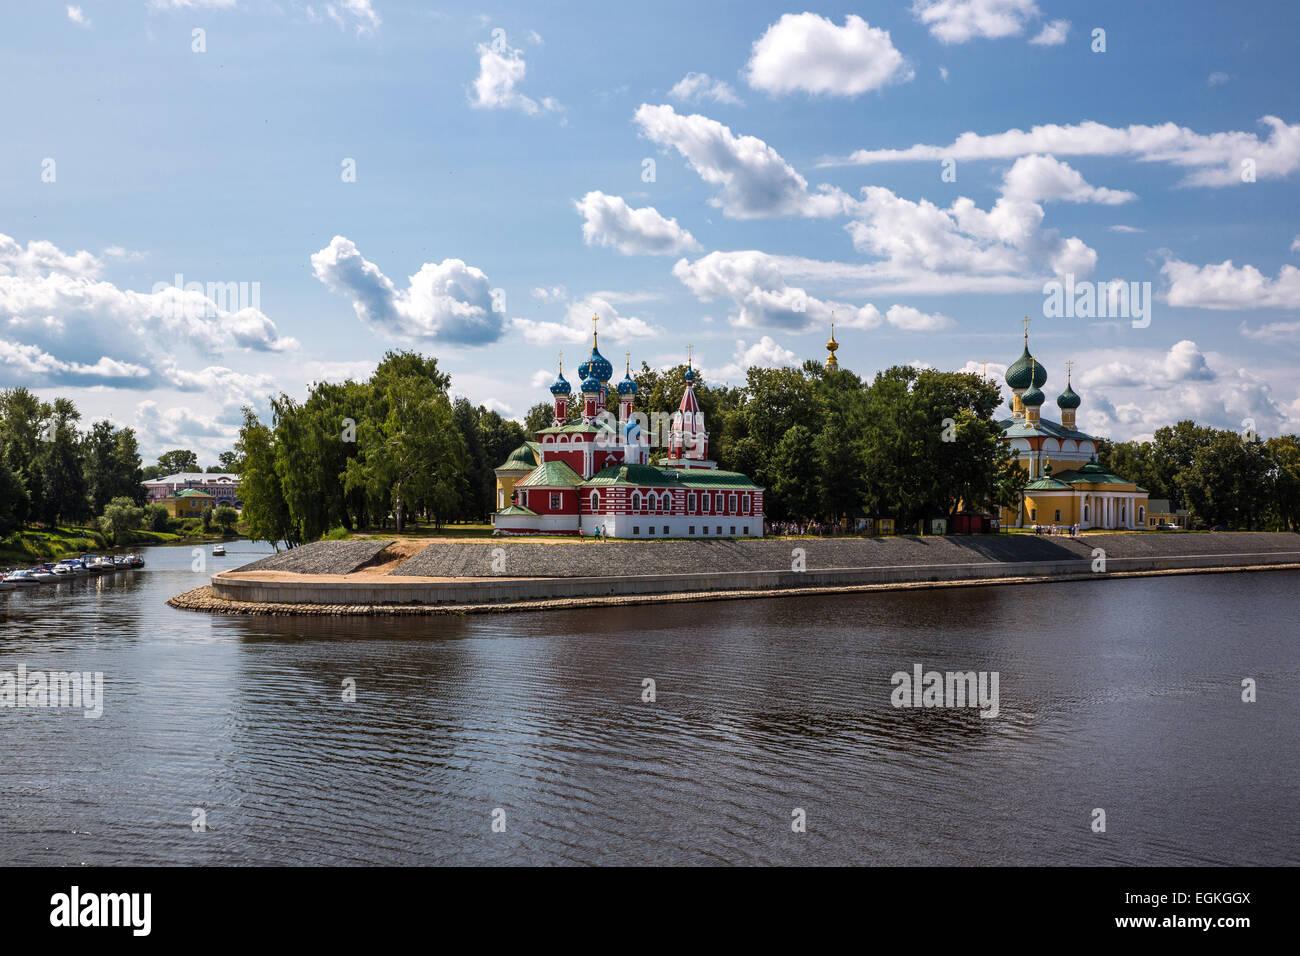 Russia, Uglitsch, paesaggio urbano con le bellissime chiese sul fiume Volga Immagini Stock